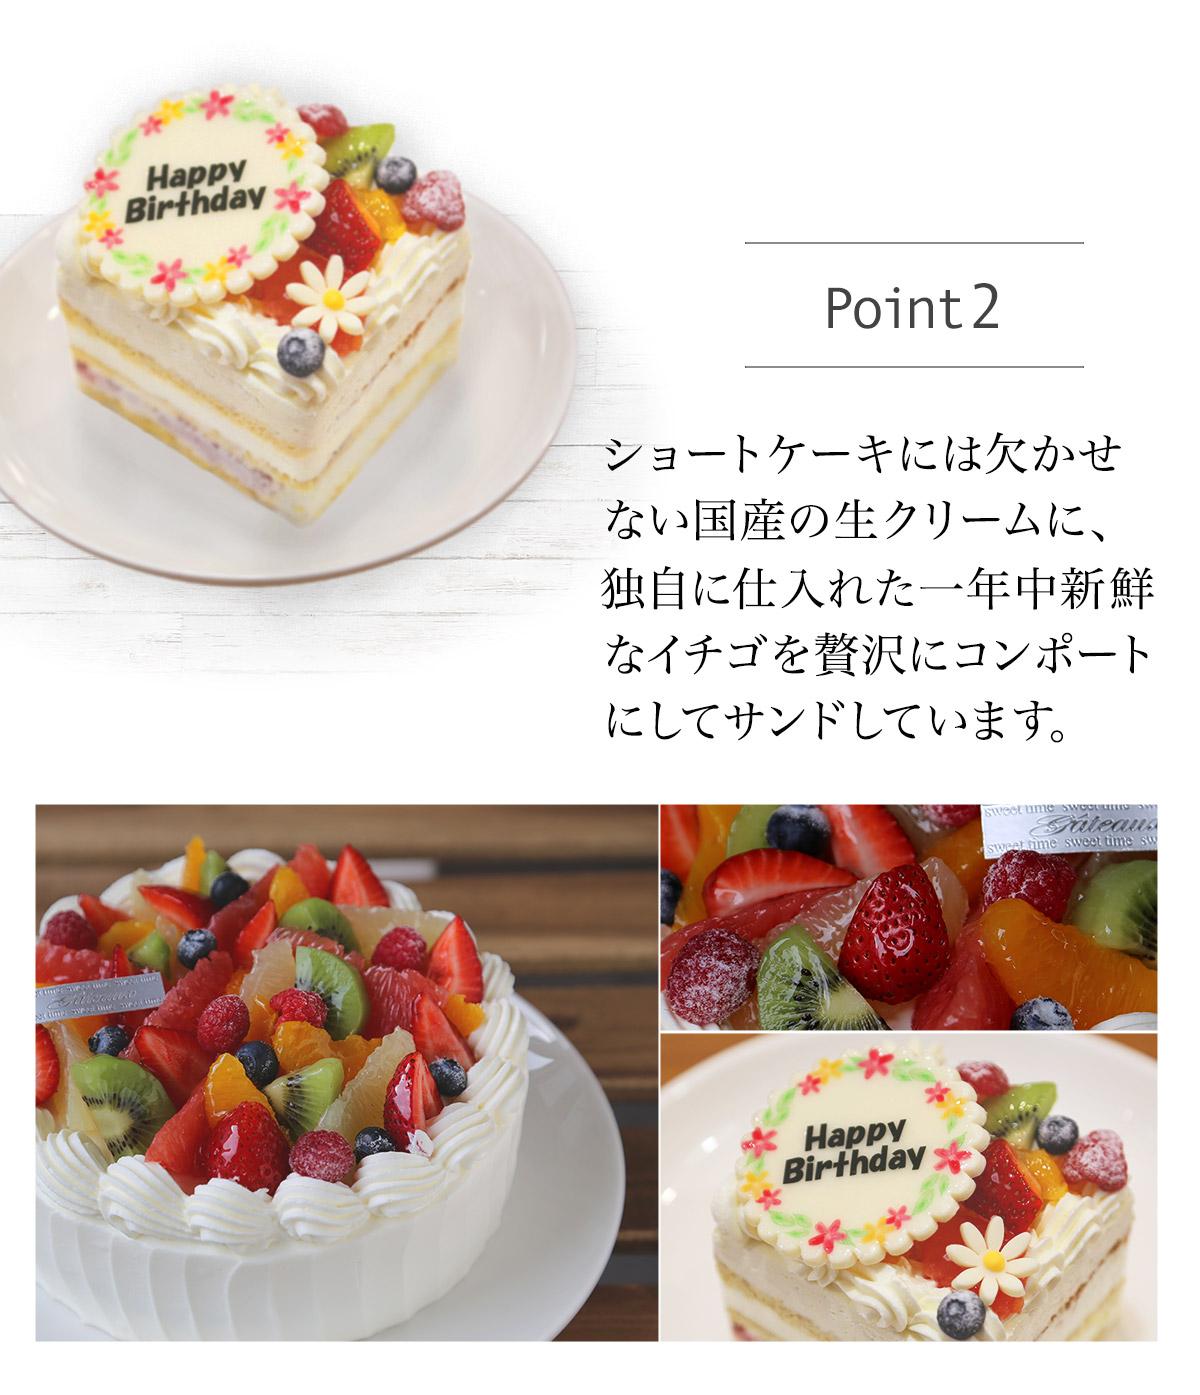 【3号】【写真プレート付き】フルーツいっぱいショートケーキ|1人でも楽しめるショートケーキ【配送専用】